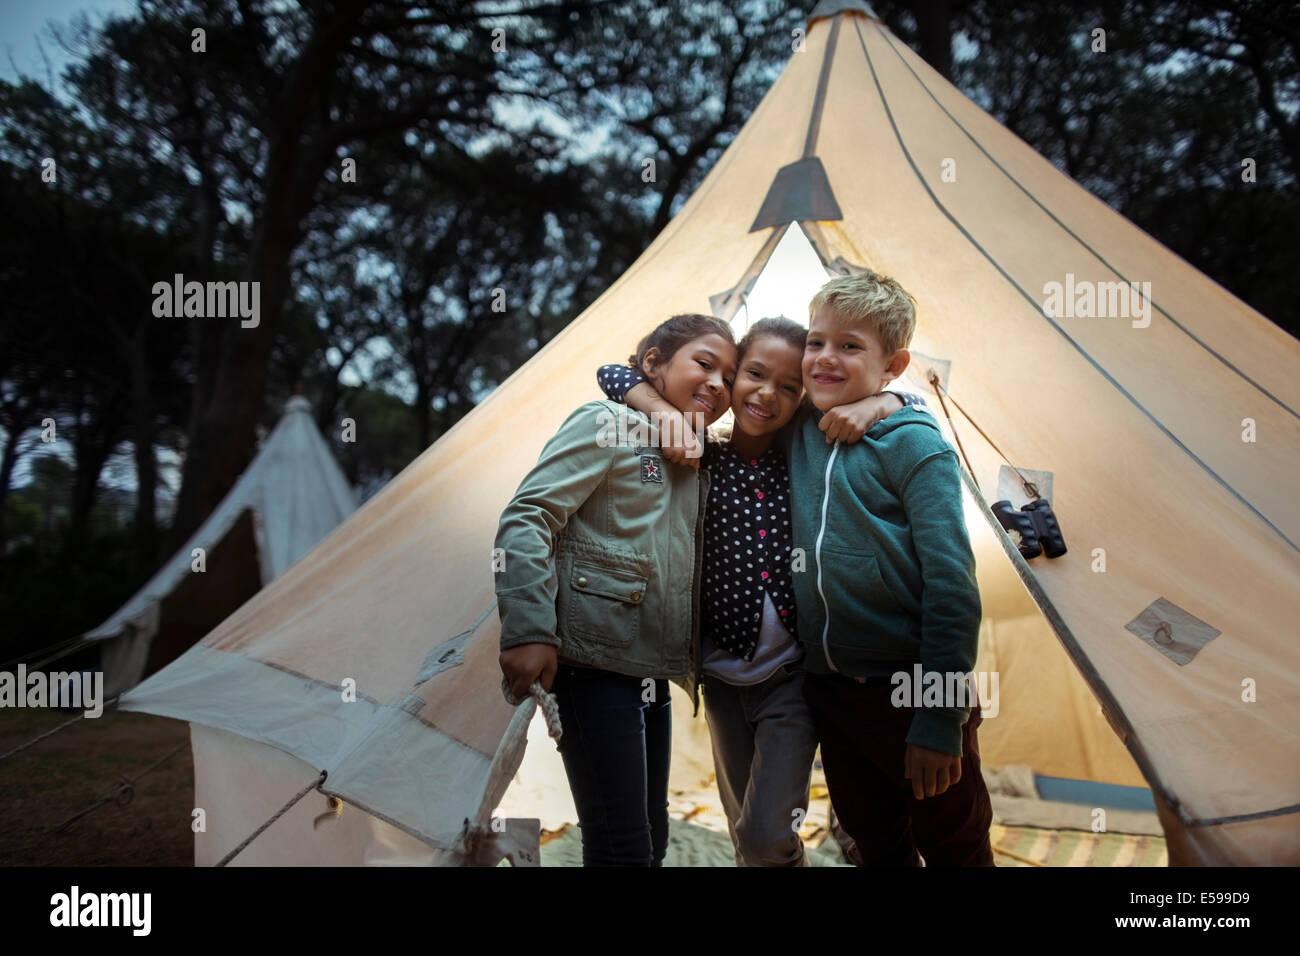 Bambini costeggiata da teepee al campeggio Immagini Stock